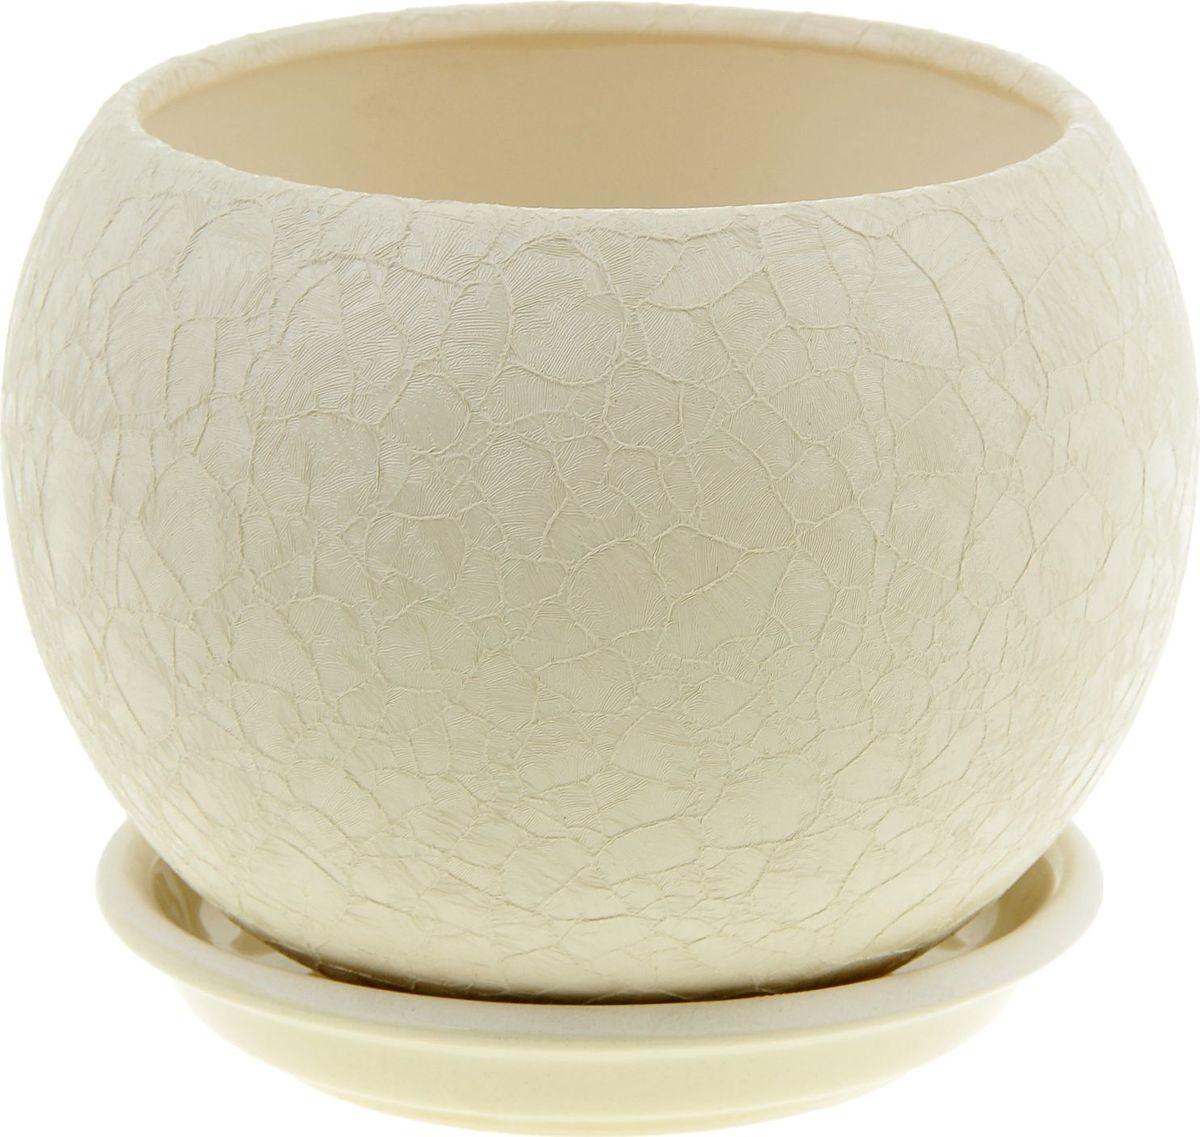 Кашпо Керамика ручной работы Шар, цвет: бежевый, 1,4 л835699Комнатные растения — всеобщие любимцы. Они радуют глаз, насыщают помещение кислородом и украшают пространство. Каждому из них необходим свой удобный и красивый дом. Кашпо из керамики прекрасно подходят для высадки растений: за счёт пластичности глины и разных способов обработки существует великое множество форм и дизайновпористый материал позволяет испаряться лишней влагевоздух, необходимый для дыхания корней, проникает сквозь керамические стенки! #name# позаботится о зелёном питомце, освежит интерьер и подчеркнёт его стиль.